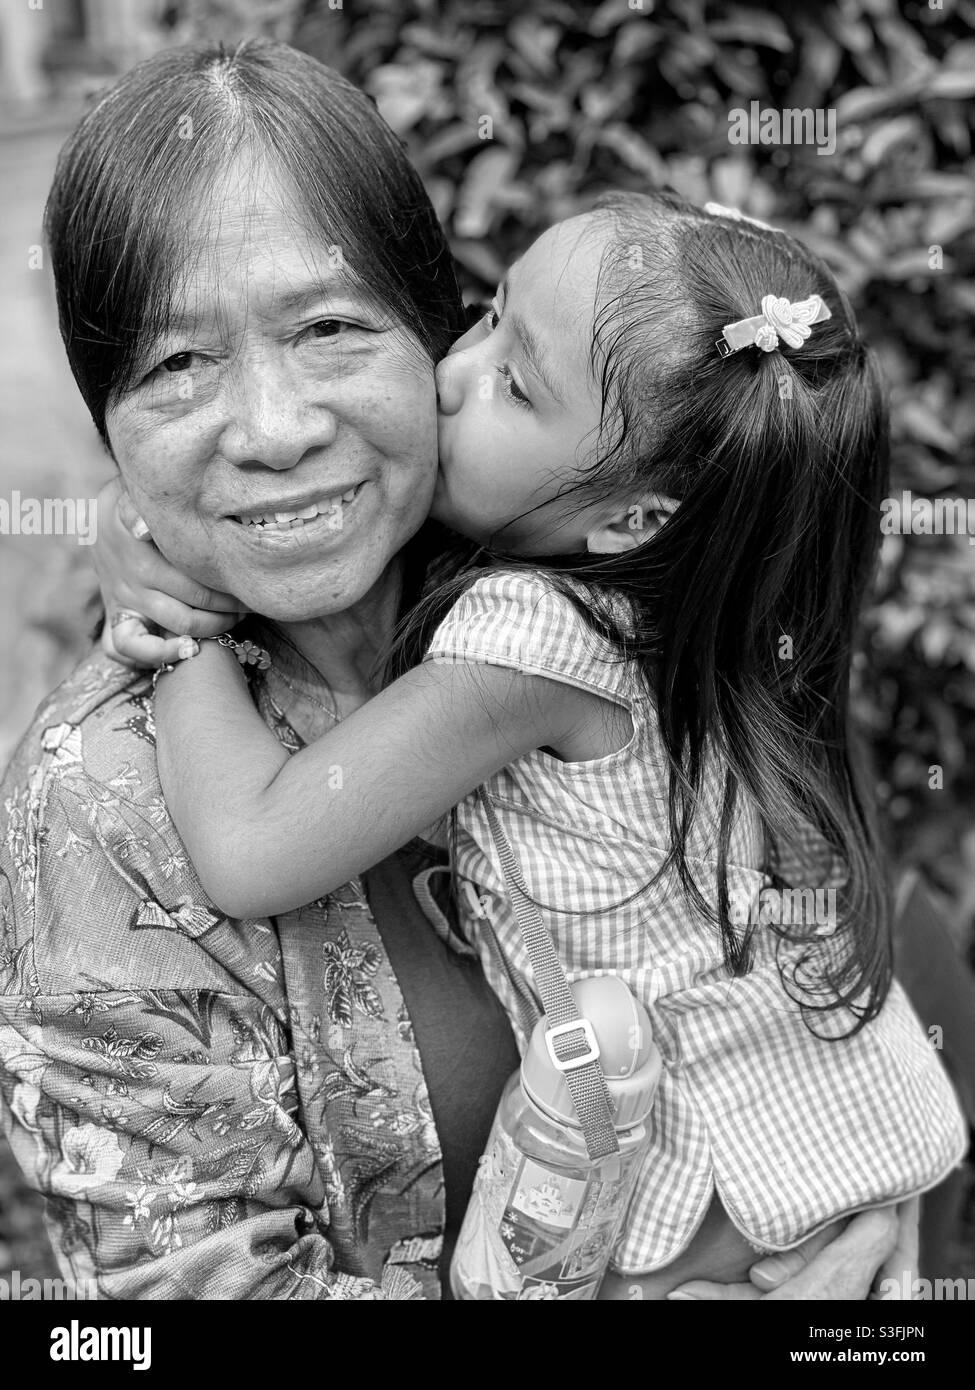 Amore - un semplice bacio illumina la vita di qualcuno Foto Stock